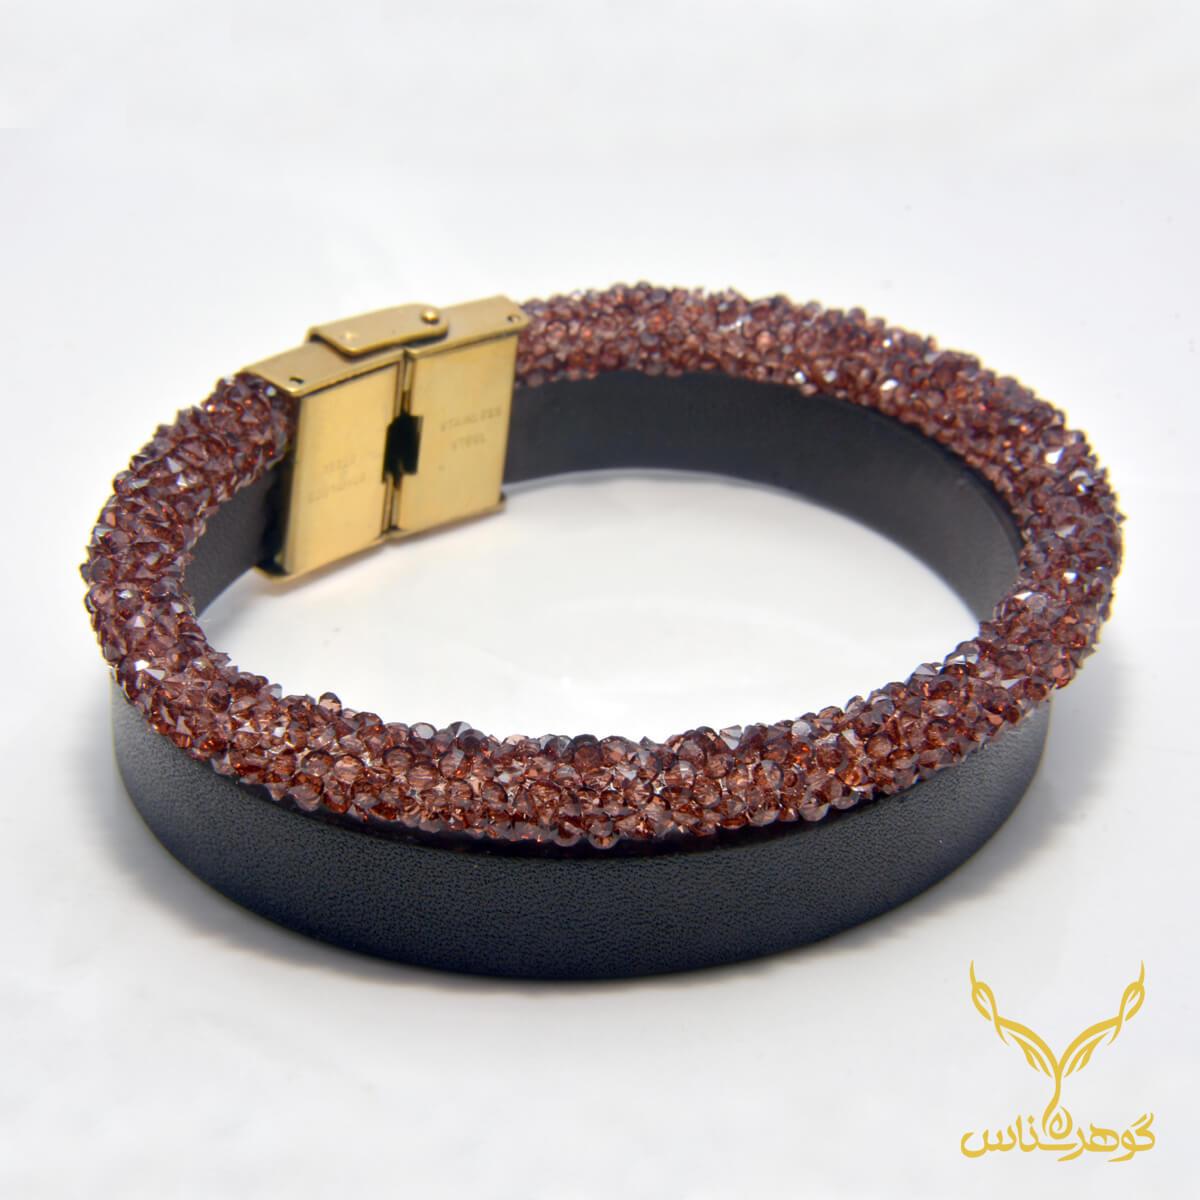 دستبند چرمی کدRD012 دستبند چرم همراه با سنگ یکی از بهترین گزینه ها برای آقایان است.فروشگاه آنلاین گوهرشناس مرکز معتبر خرید جواهرات